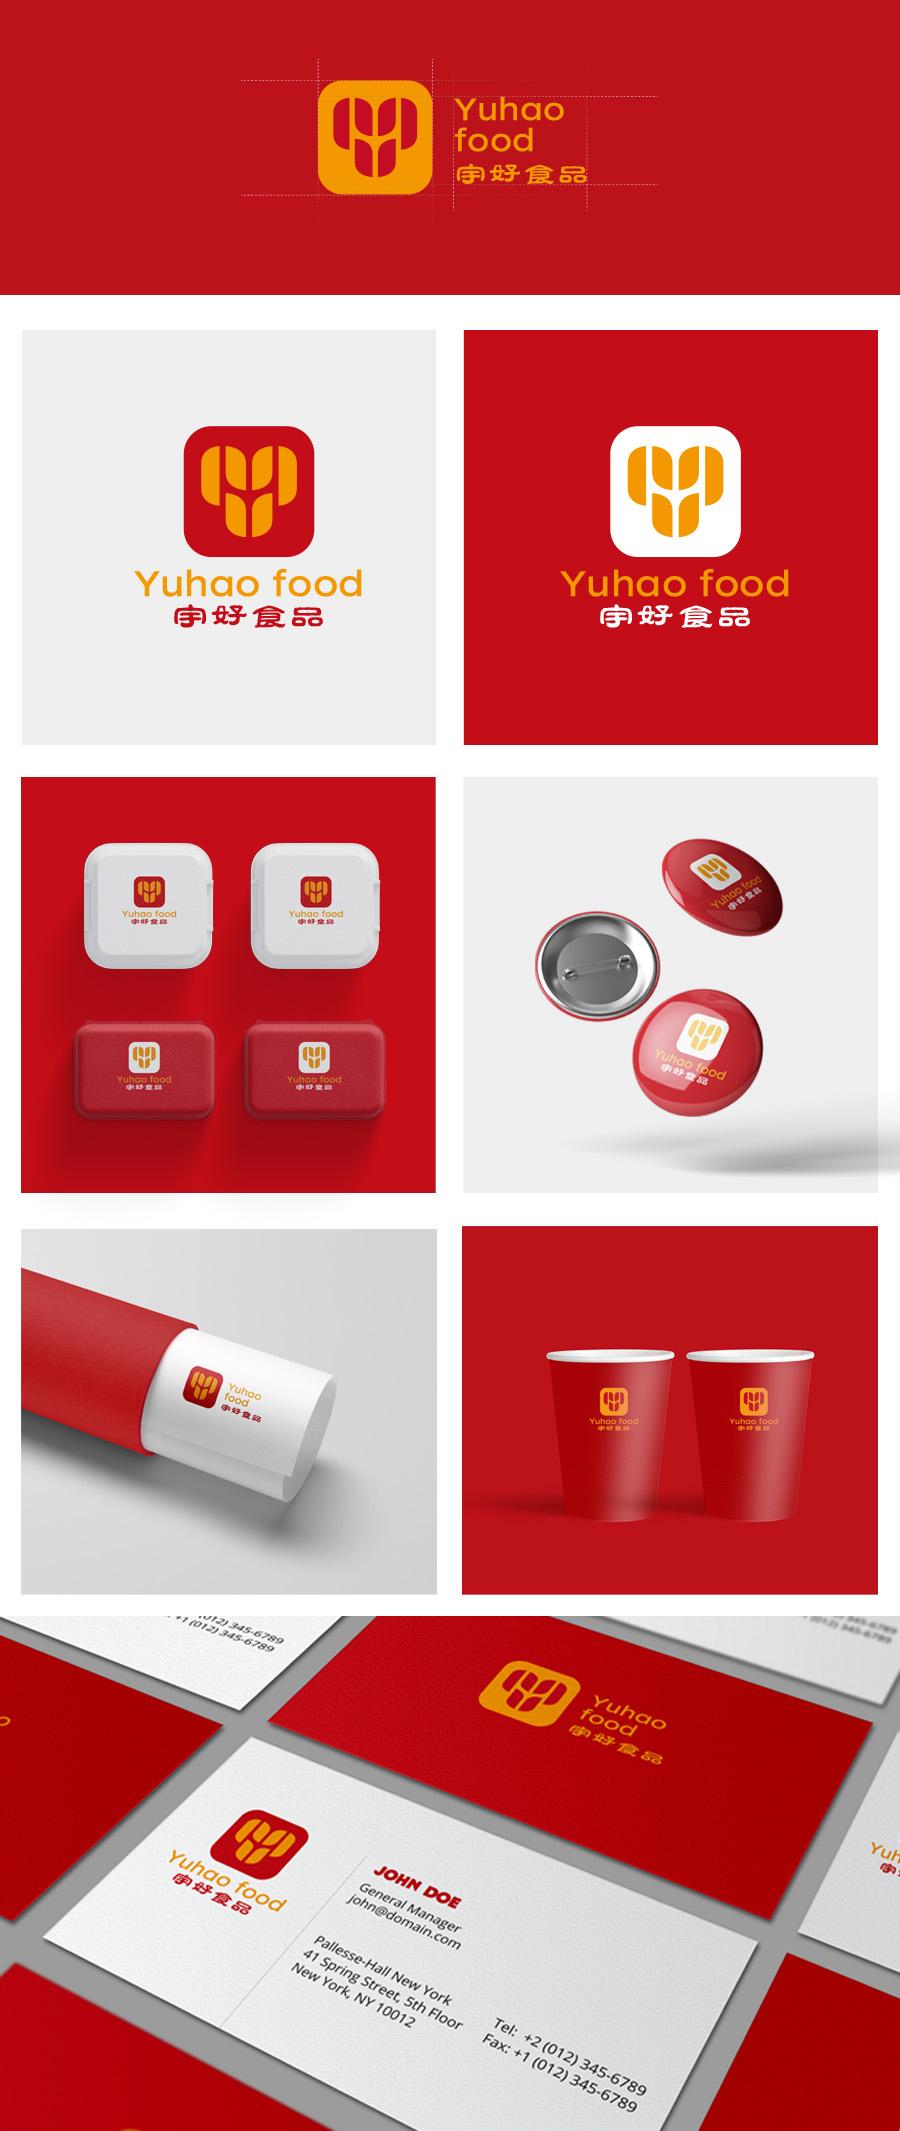 四川宇好食品有限公司LOGO和名片设计_3036261_k68威客网